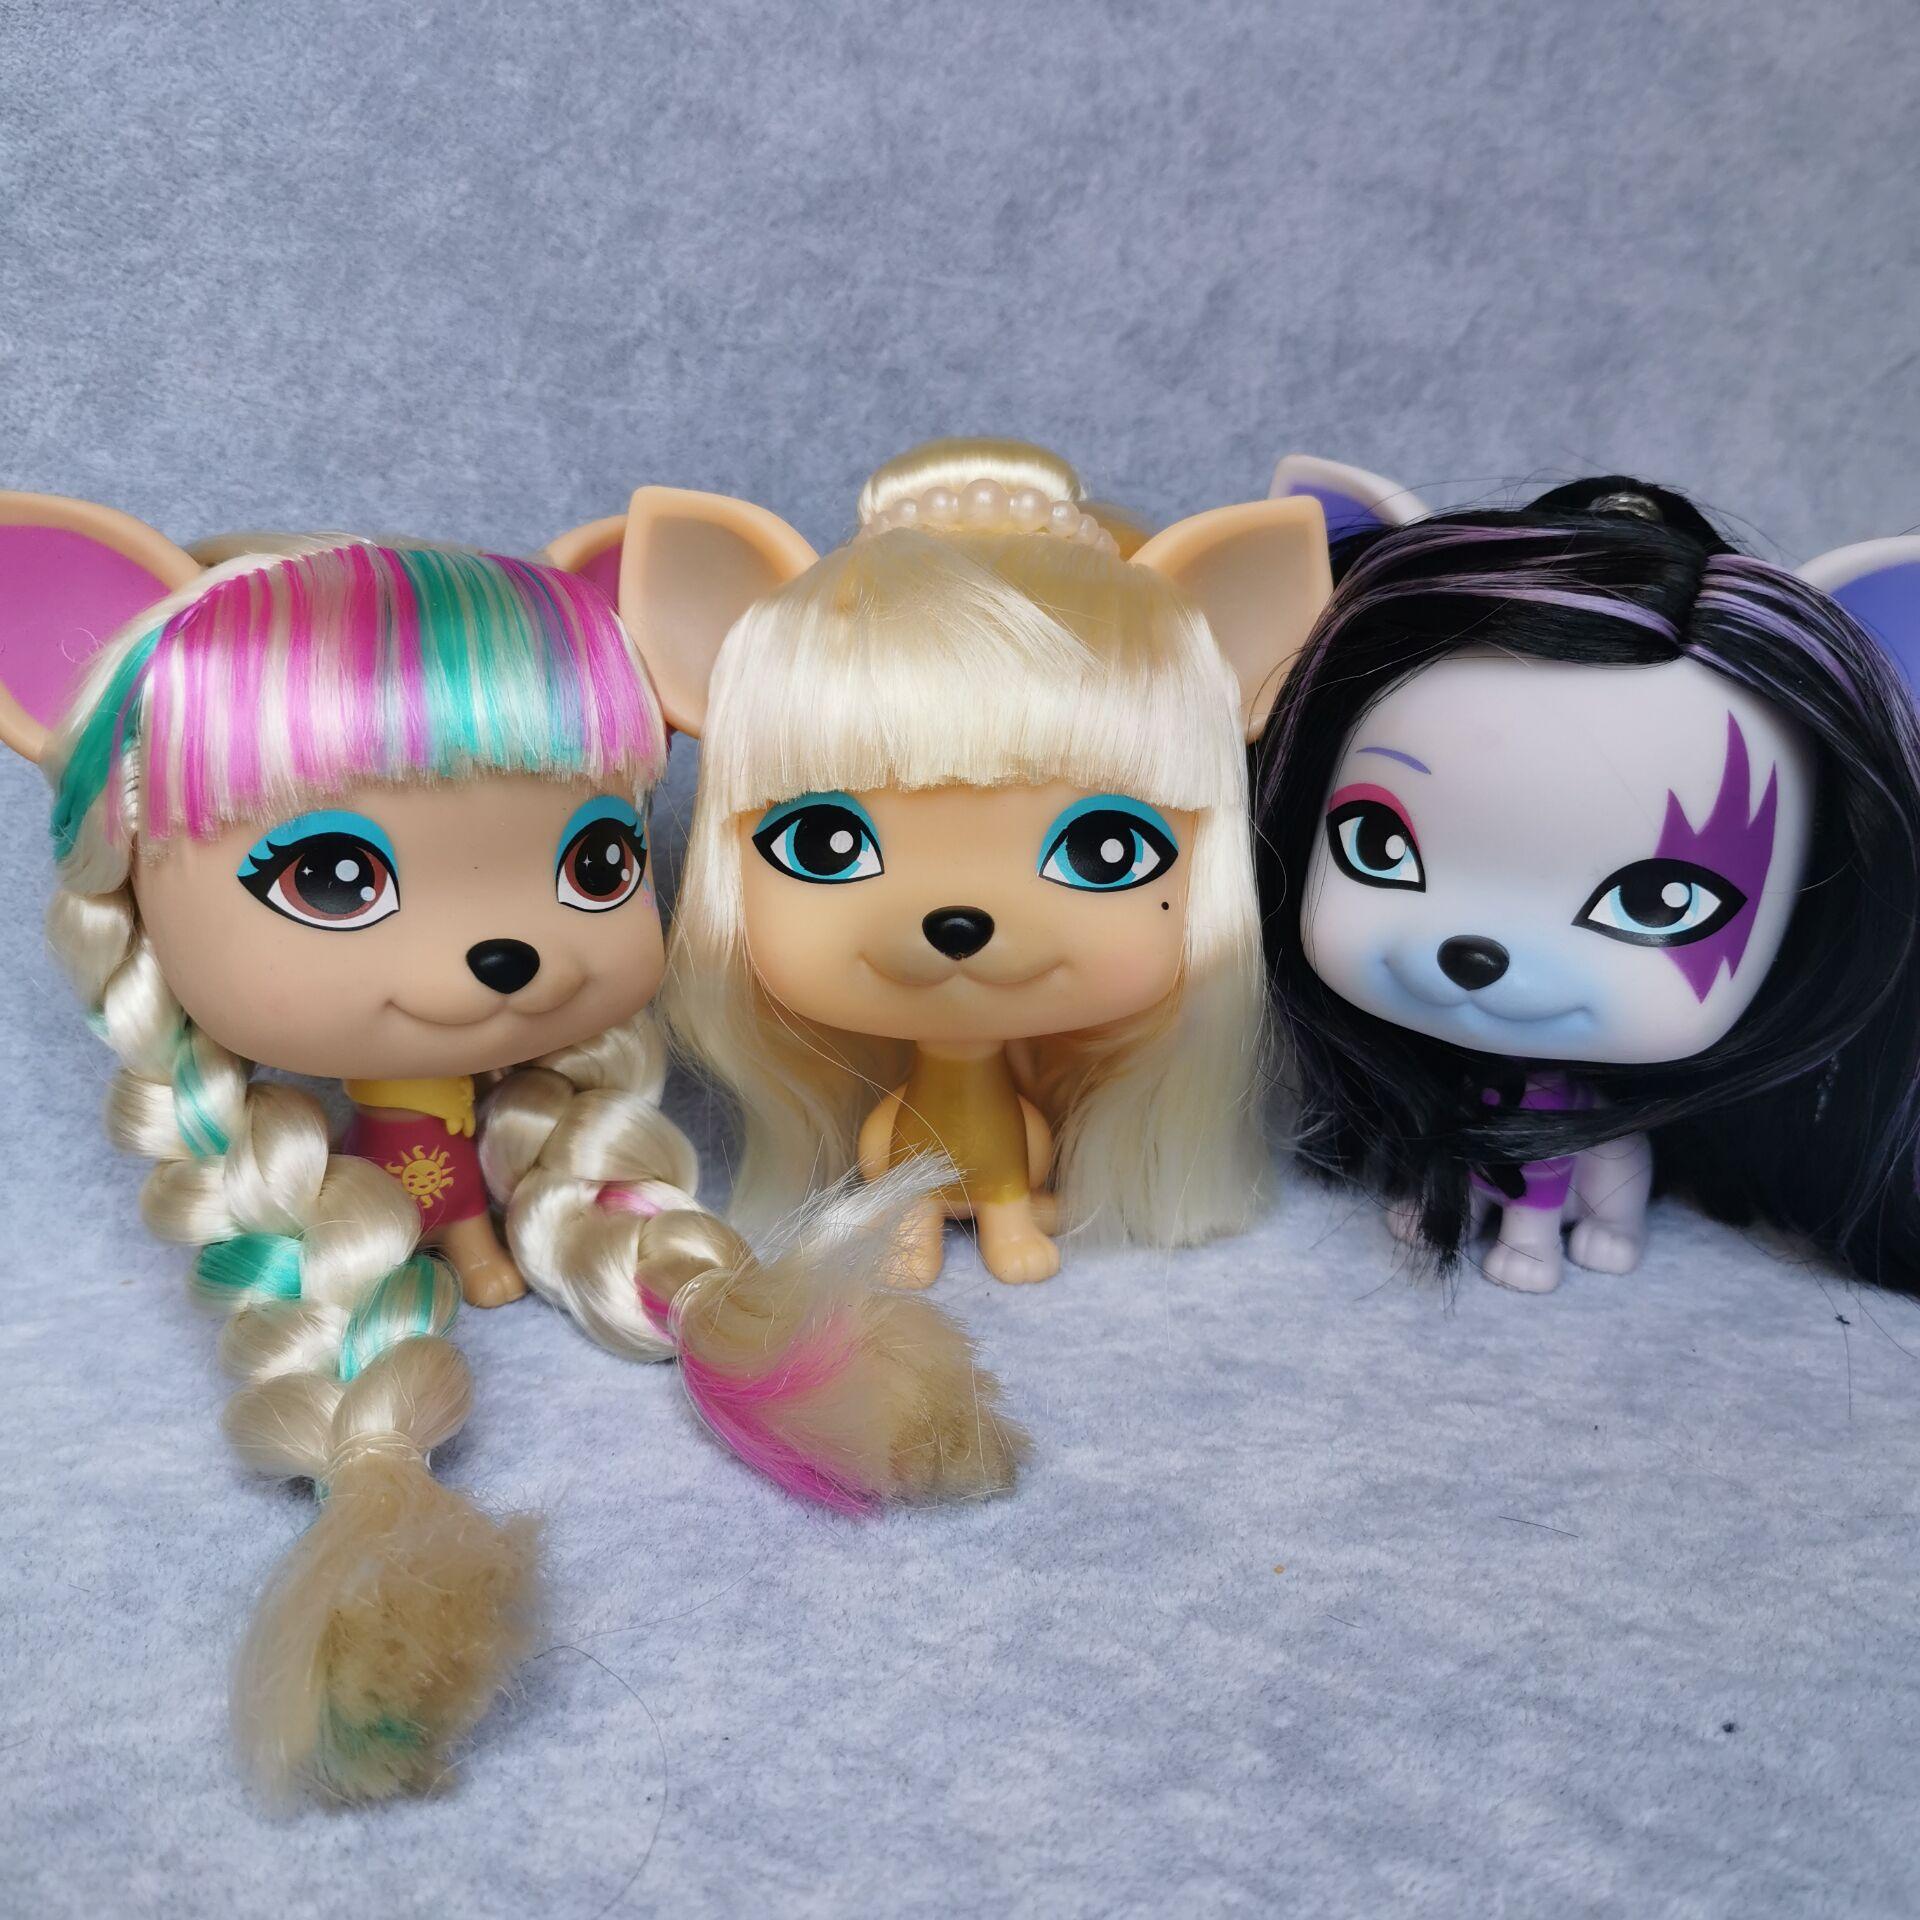 Adorável bonecas lool pet amor vip cão com figura de cabelo brinquedos cão filhote de cachorro boneca coleção presente do miúdo